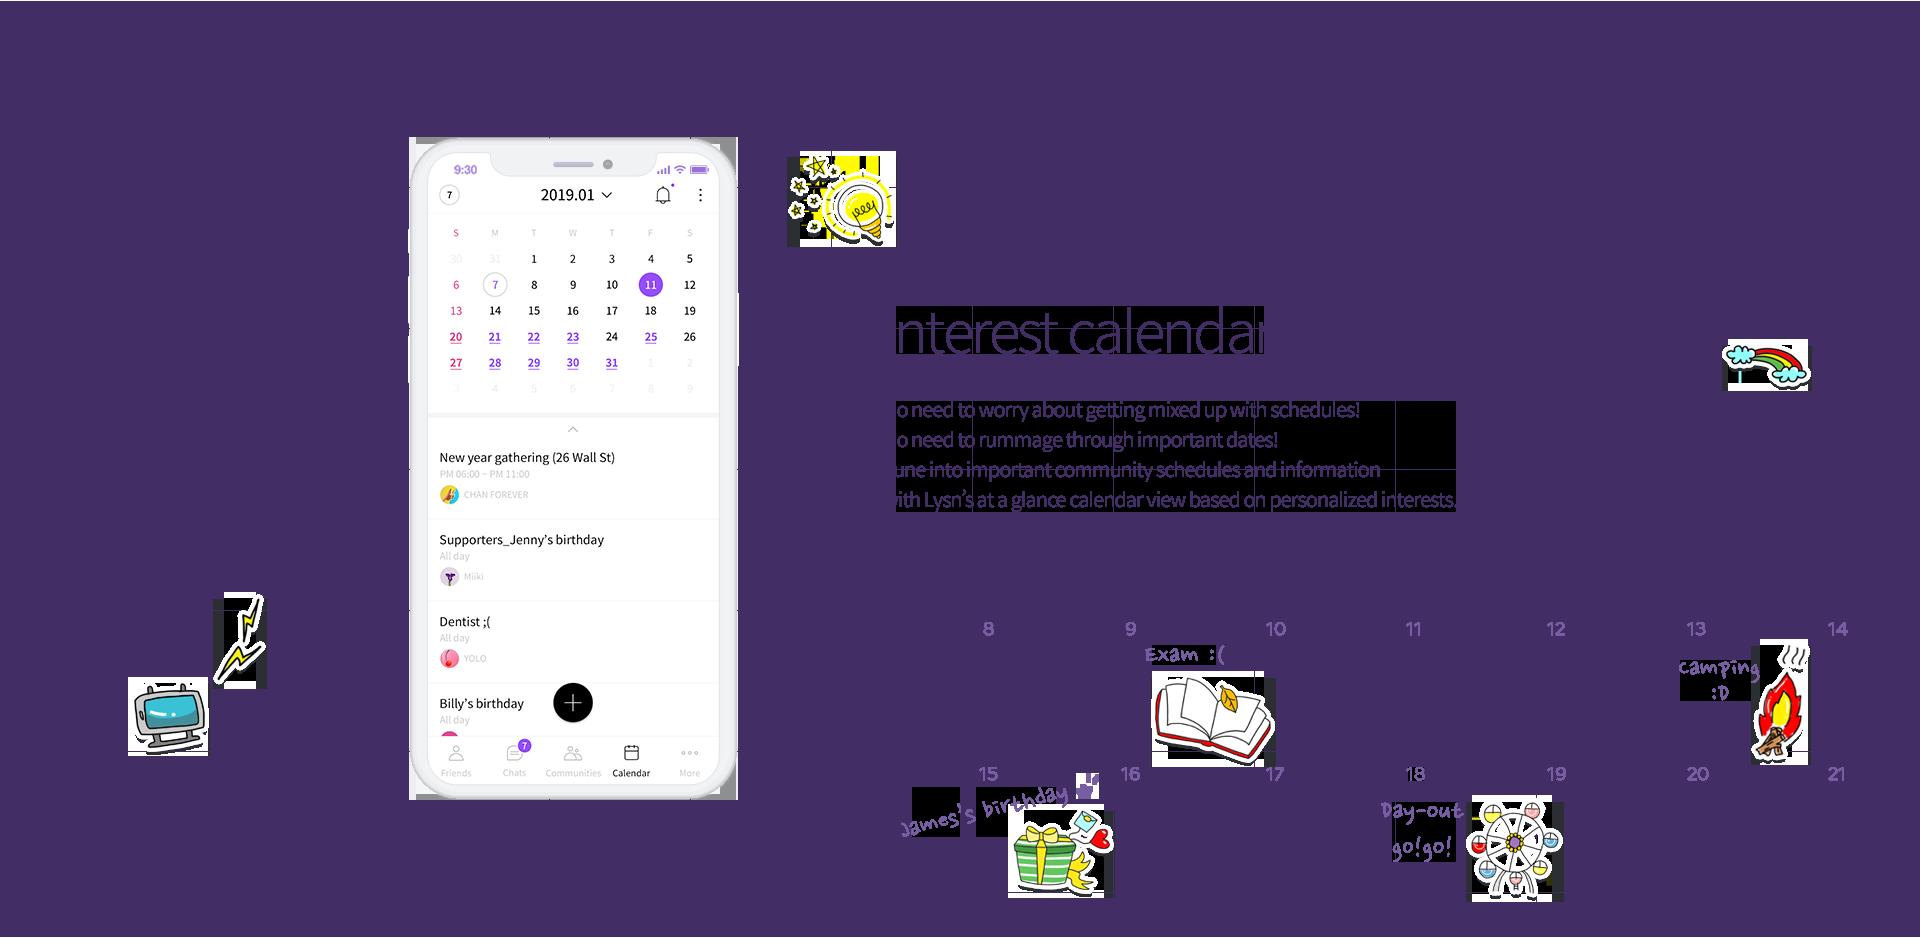 Calendar feature image